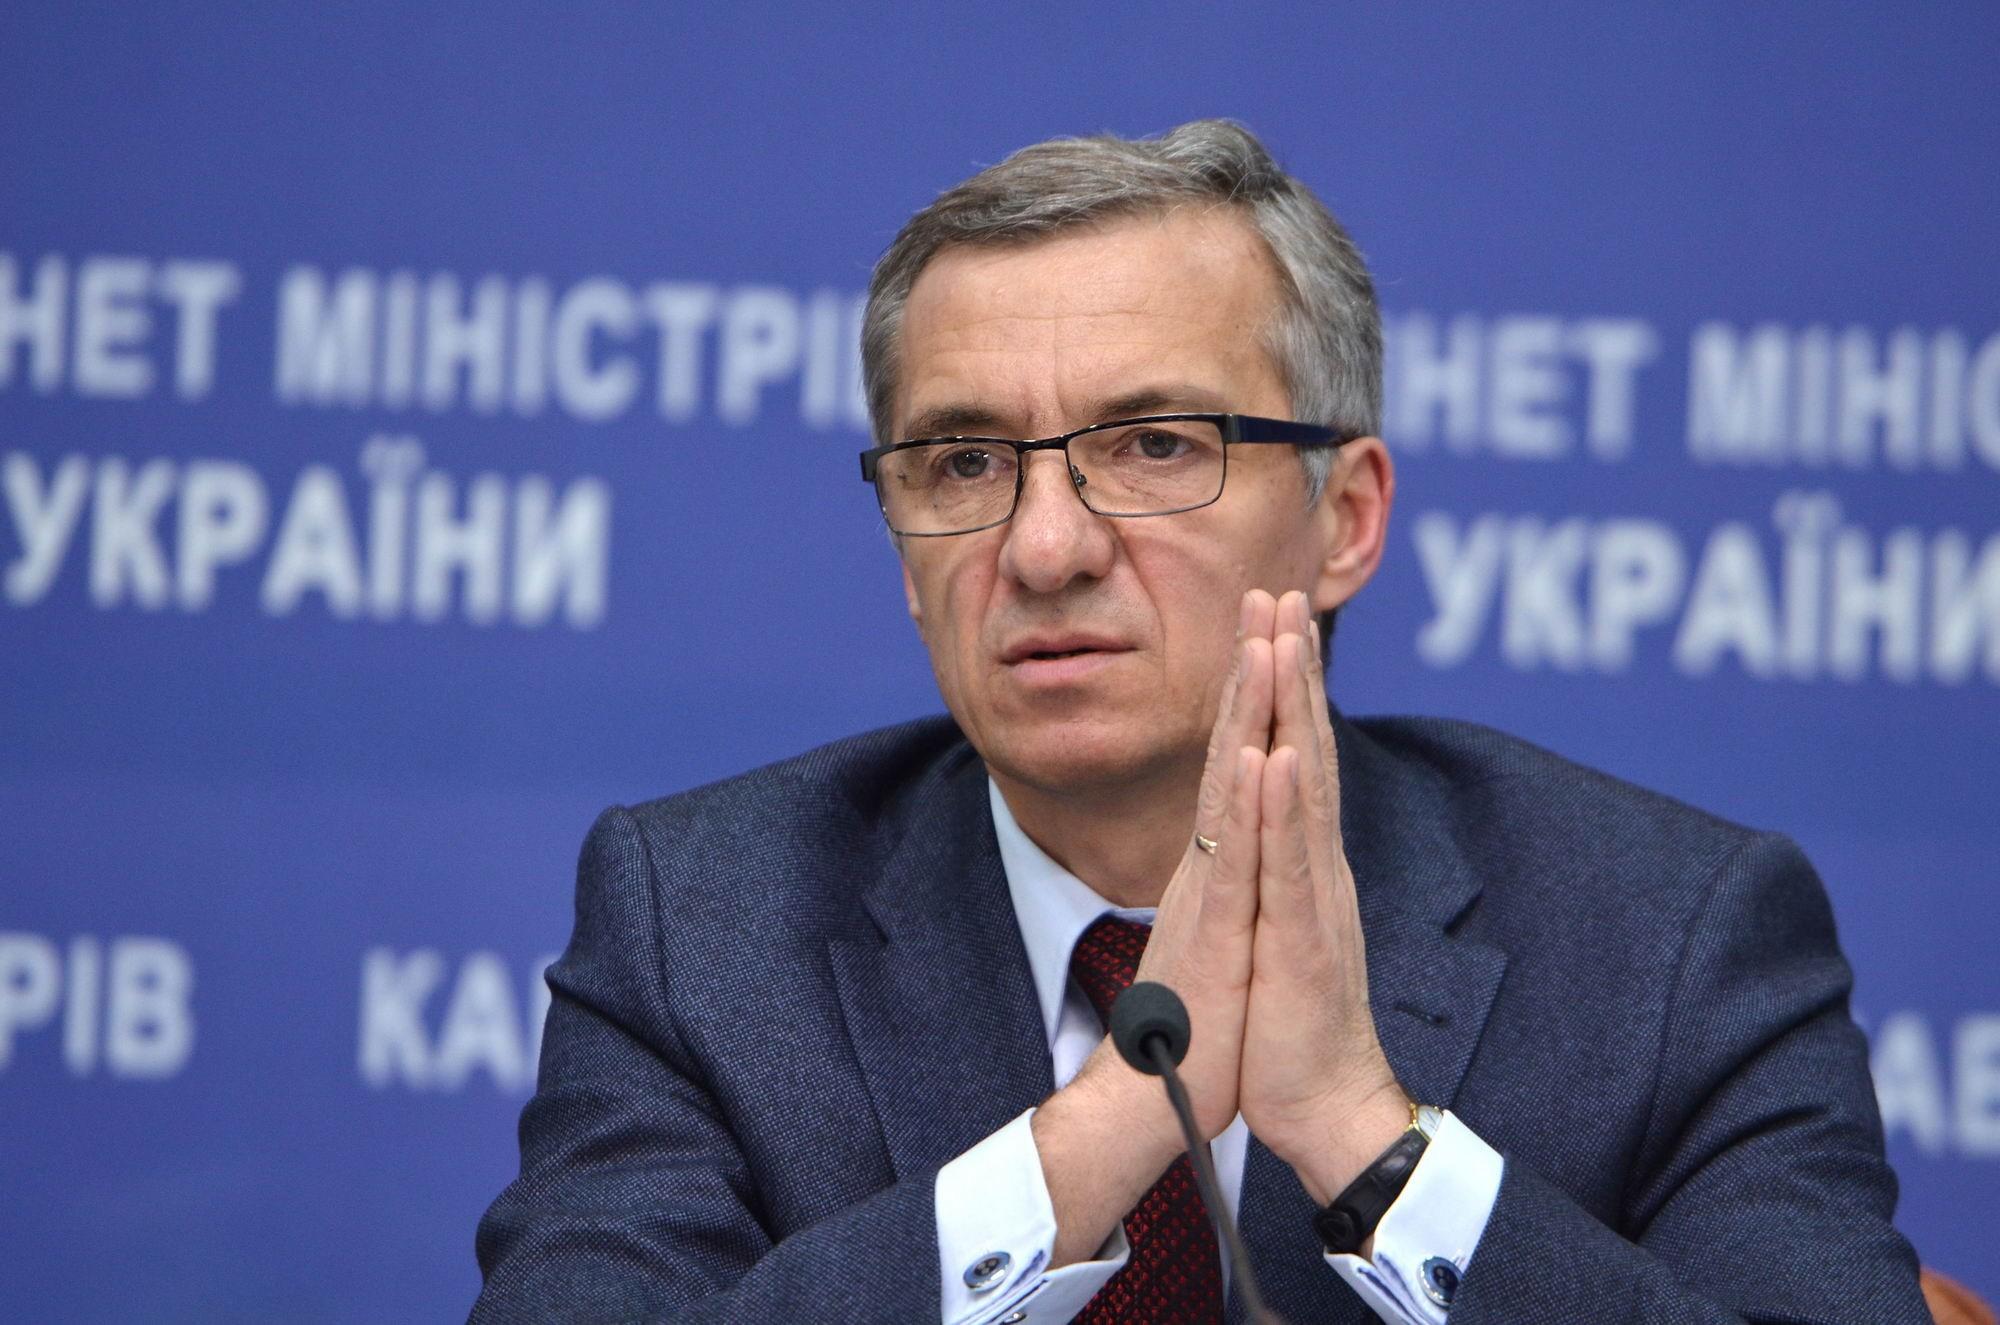 Председатель правления ПриватБанка Шлапак сообщил о своей отставке